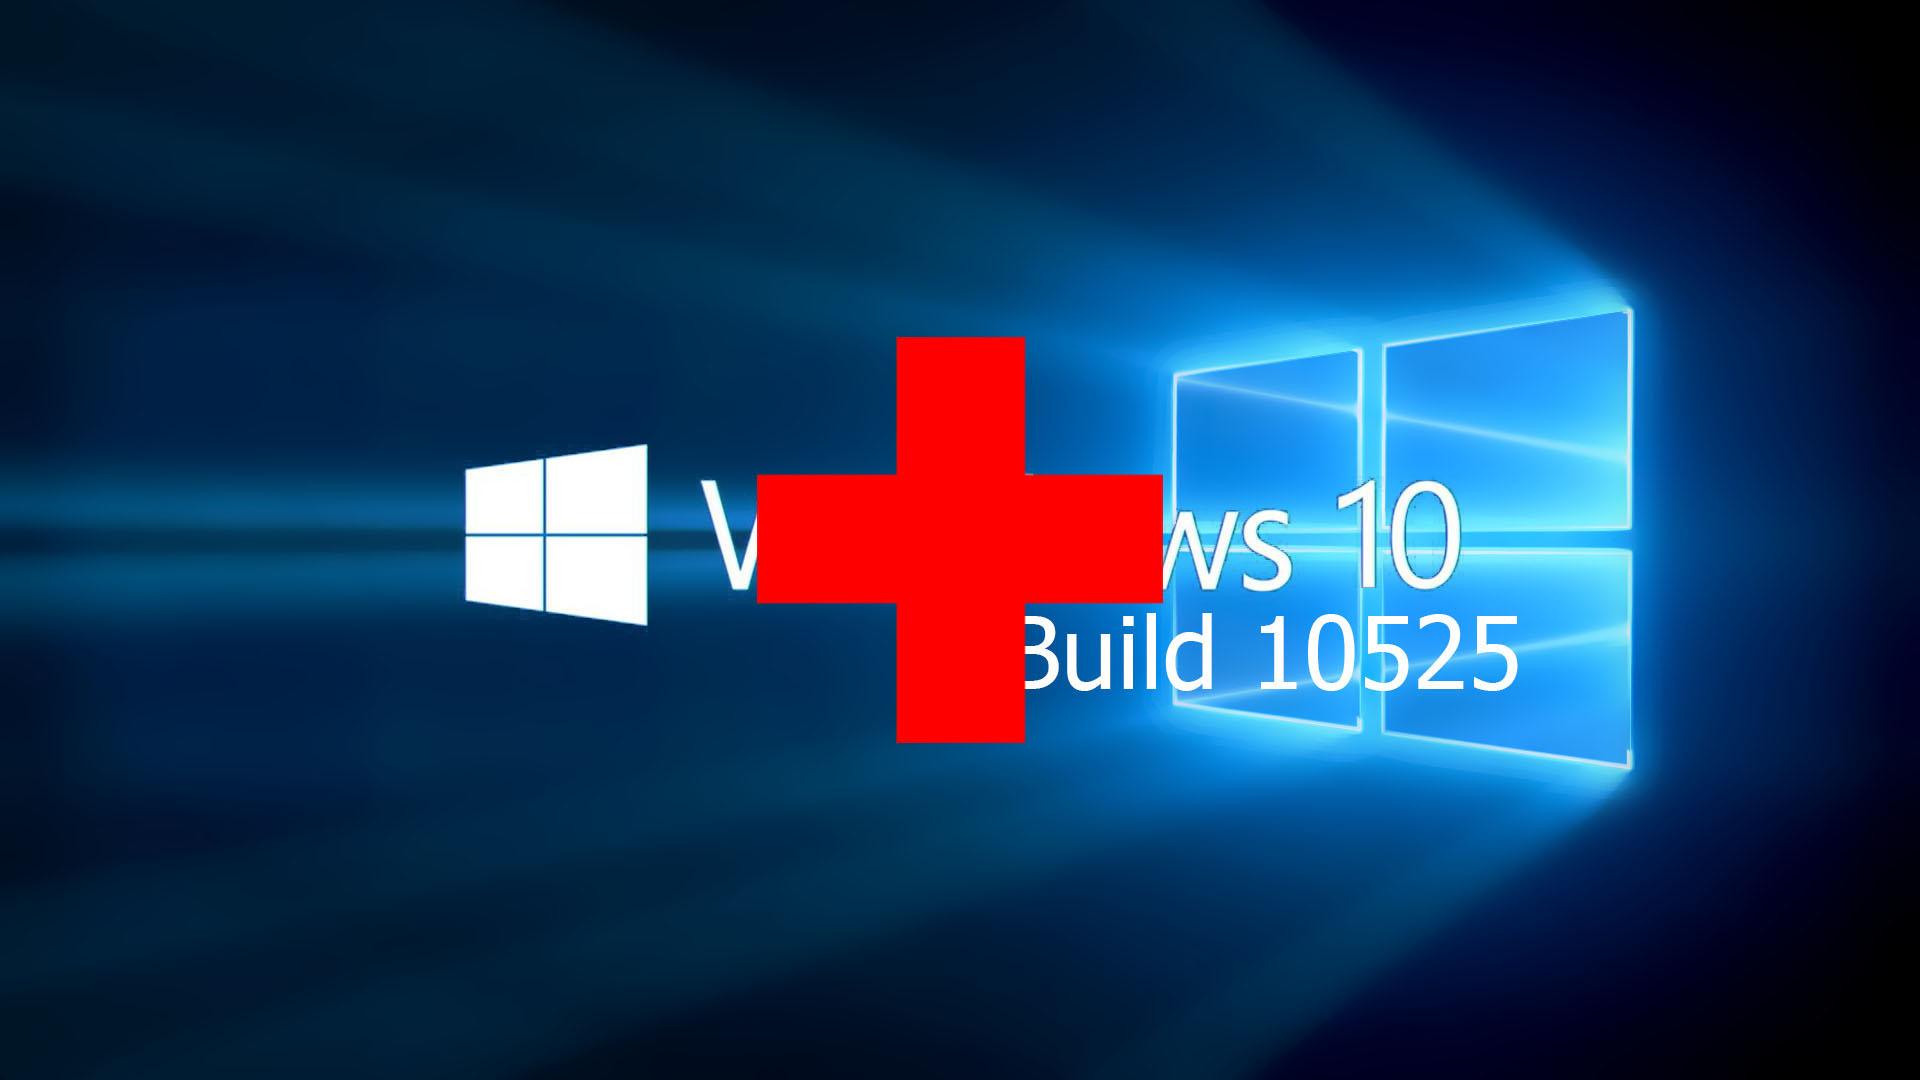 Windows 10 Build 10525 Verbesserungen und Fehler